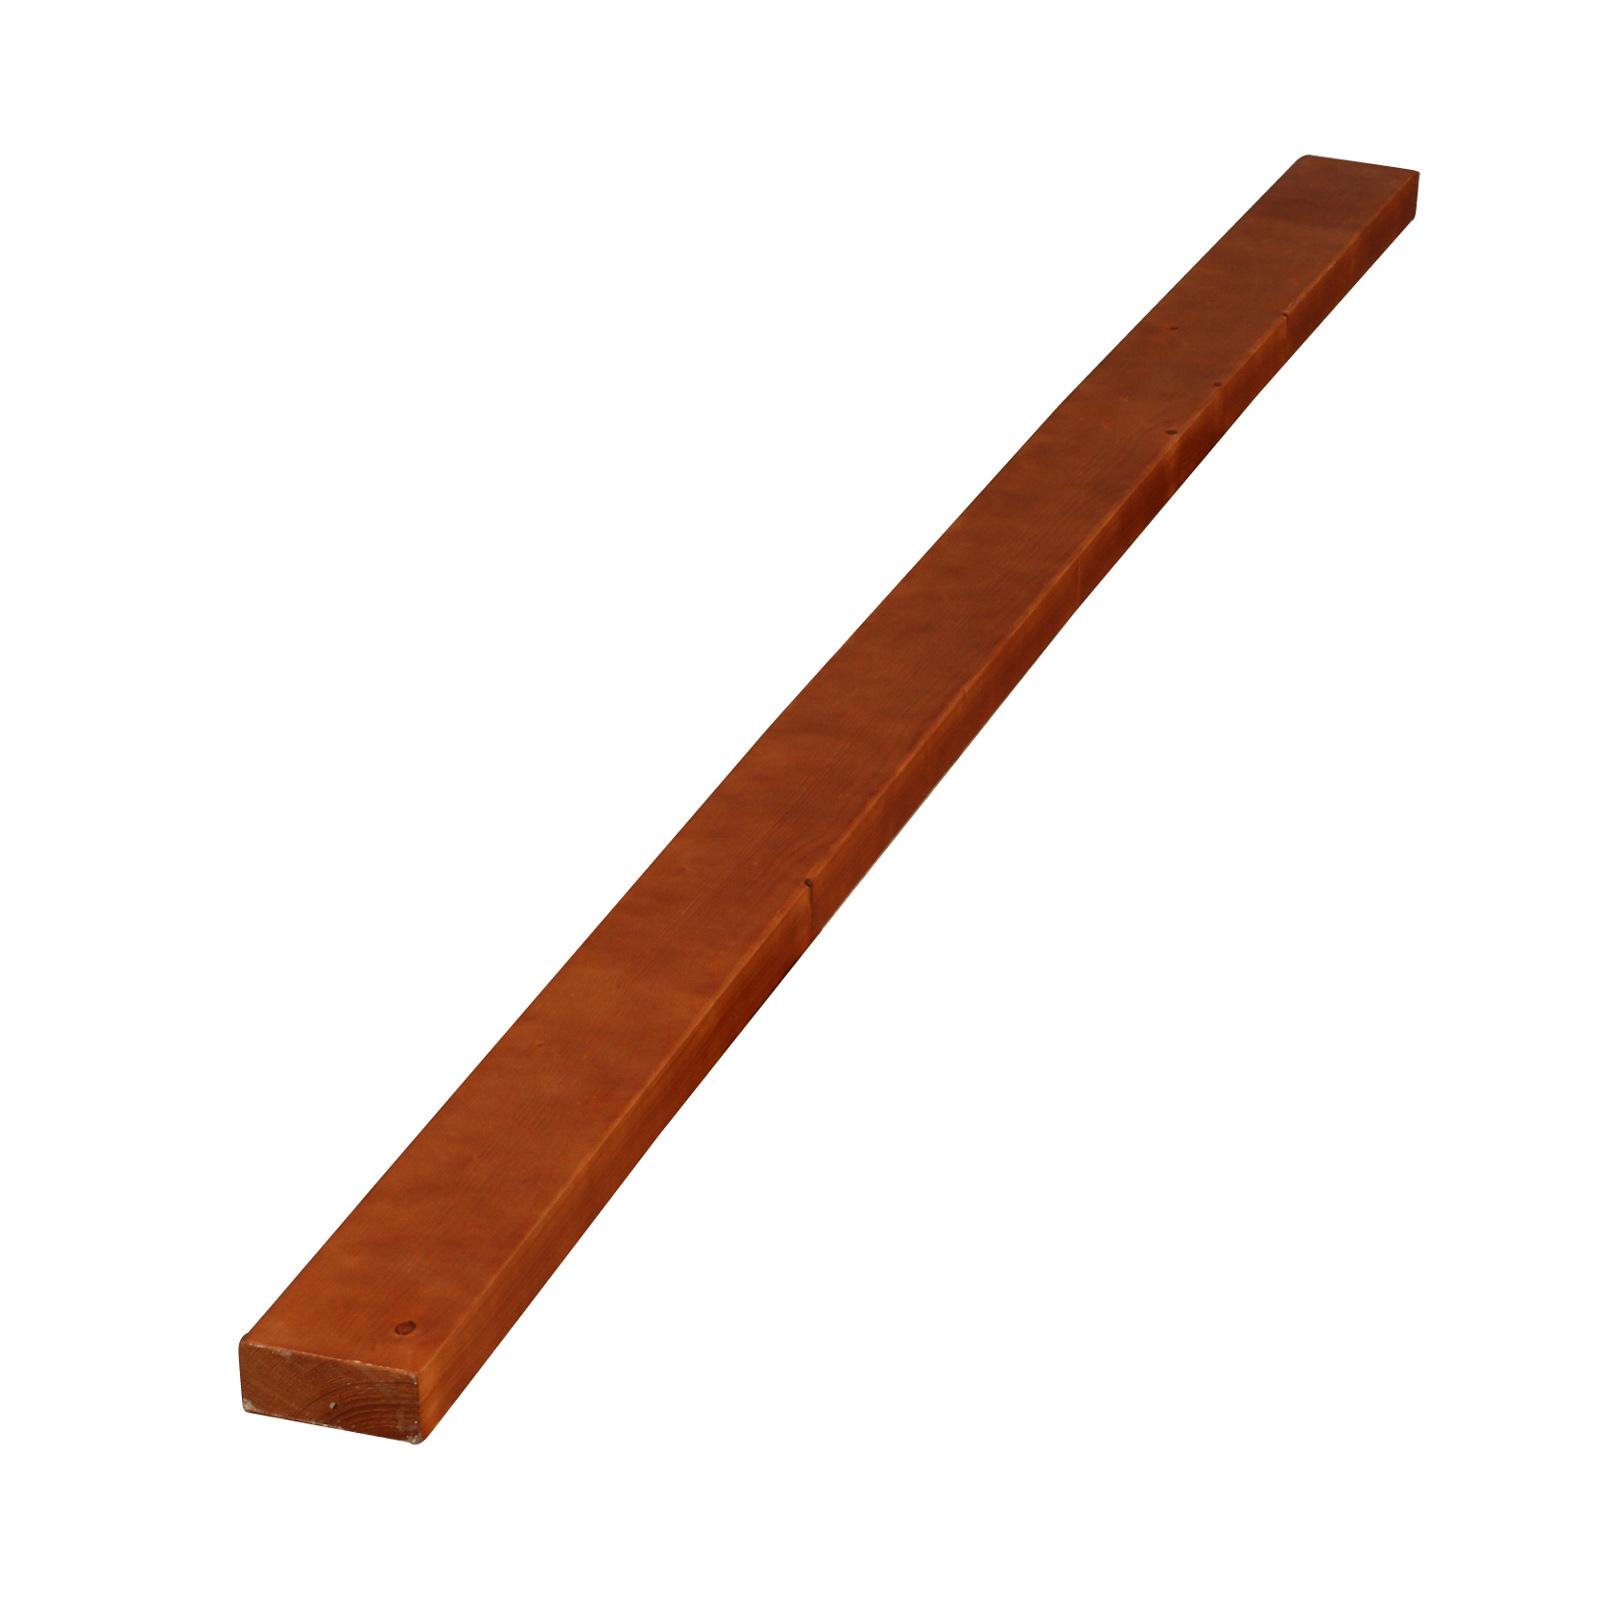 27-004 スプルース 無垢板材 塗装済(ブラウン)株式会社アジアトレーディング(群馬県前橋市)